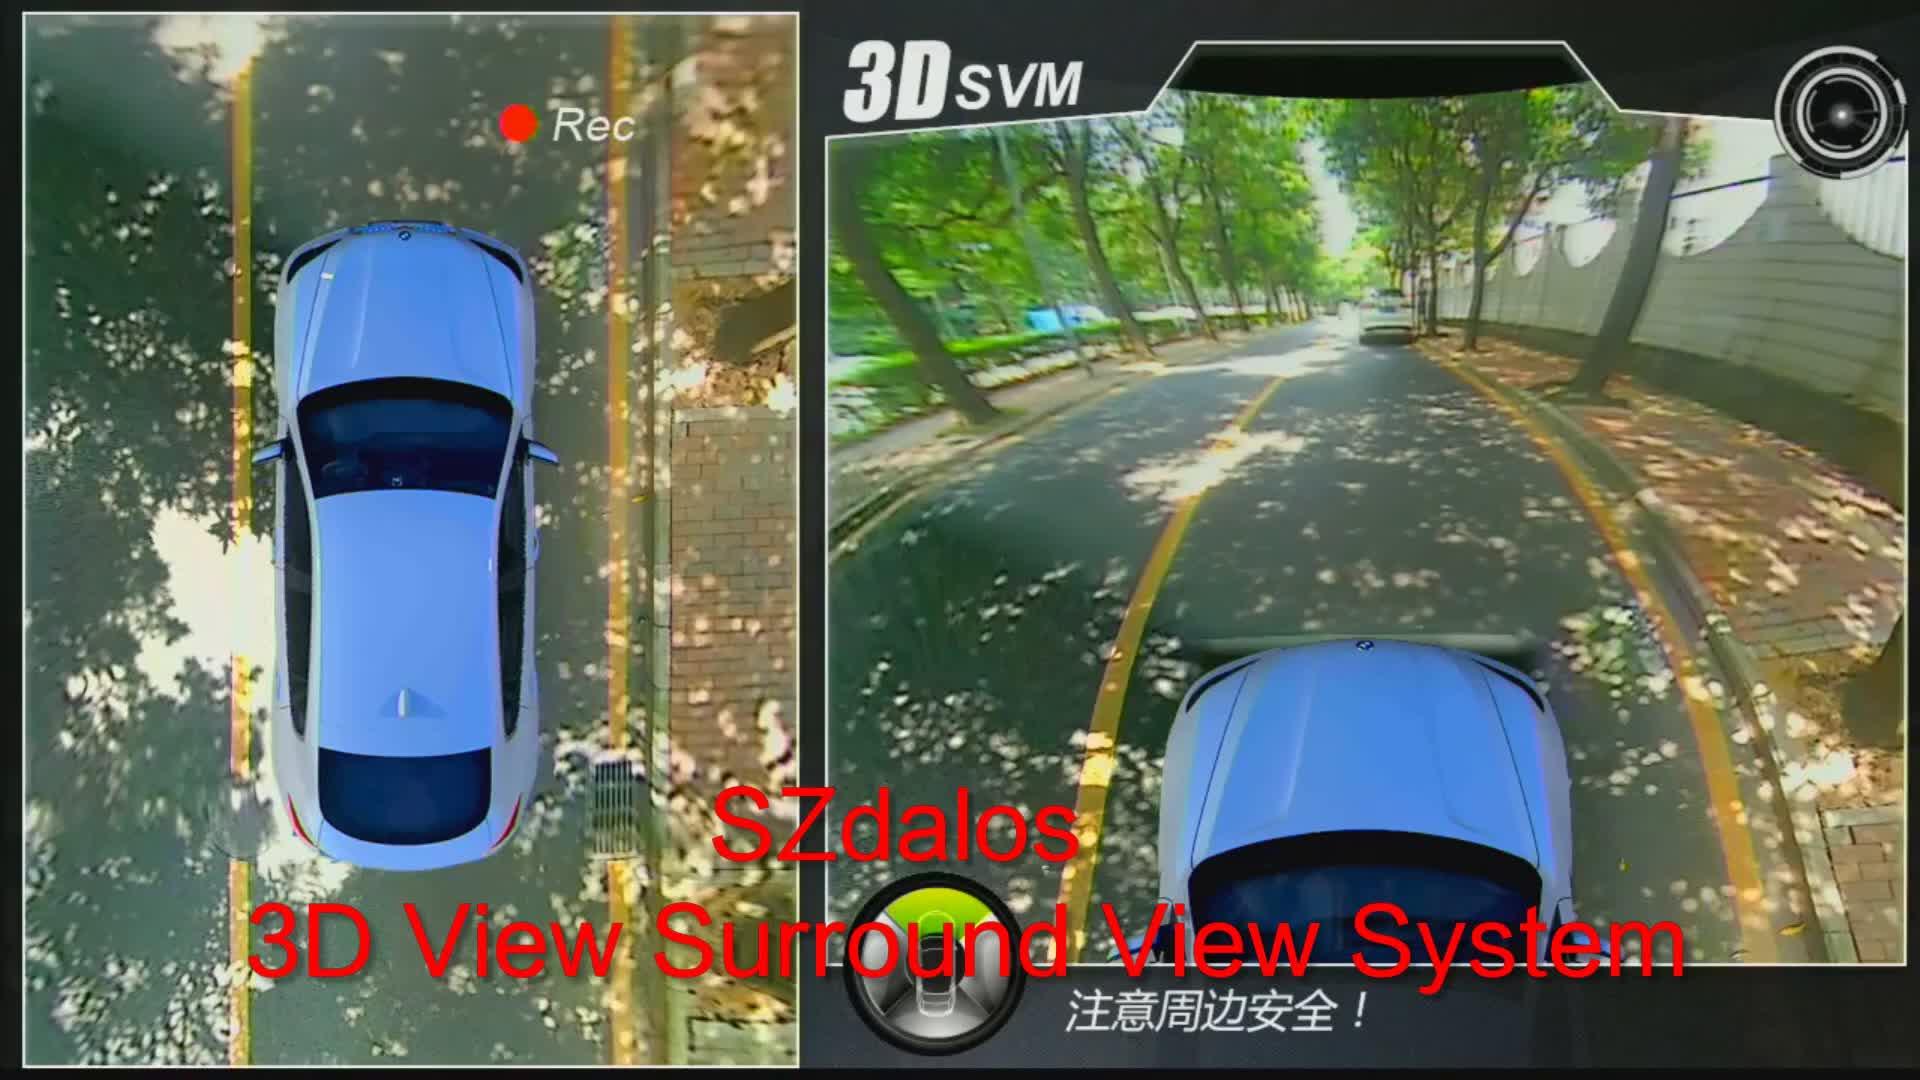 HD Panorama 360 Bird View Truck Achteruitrijcamera DVR Camera Auto Systeem voor Truck en Bus